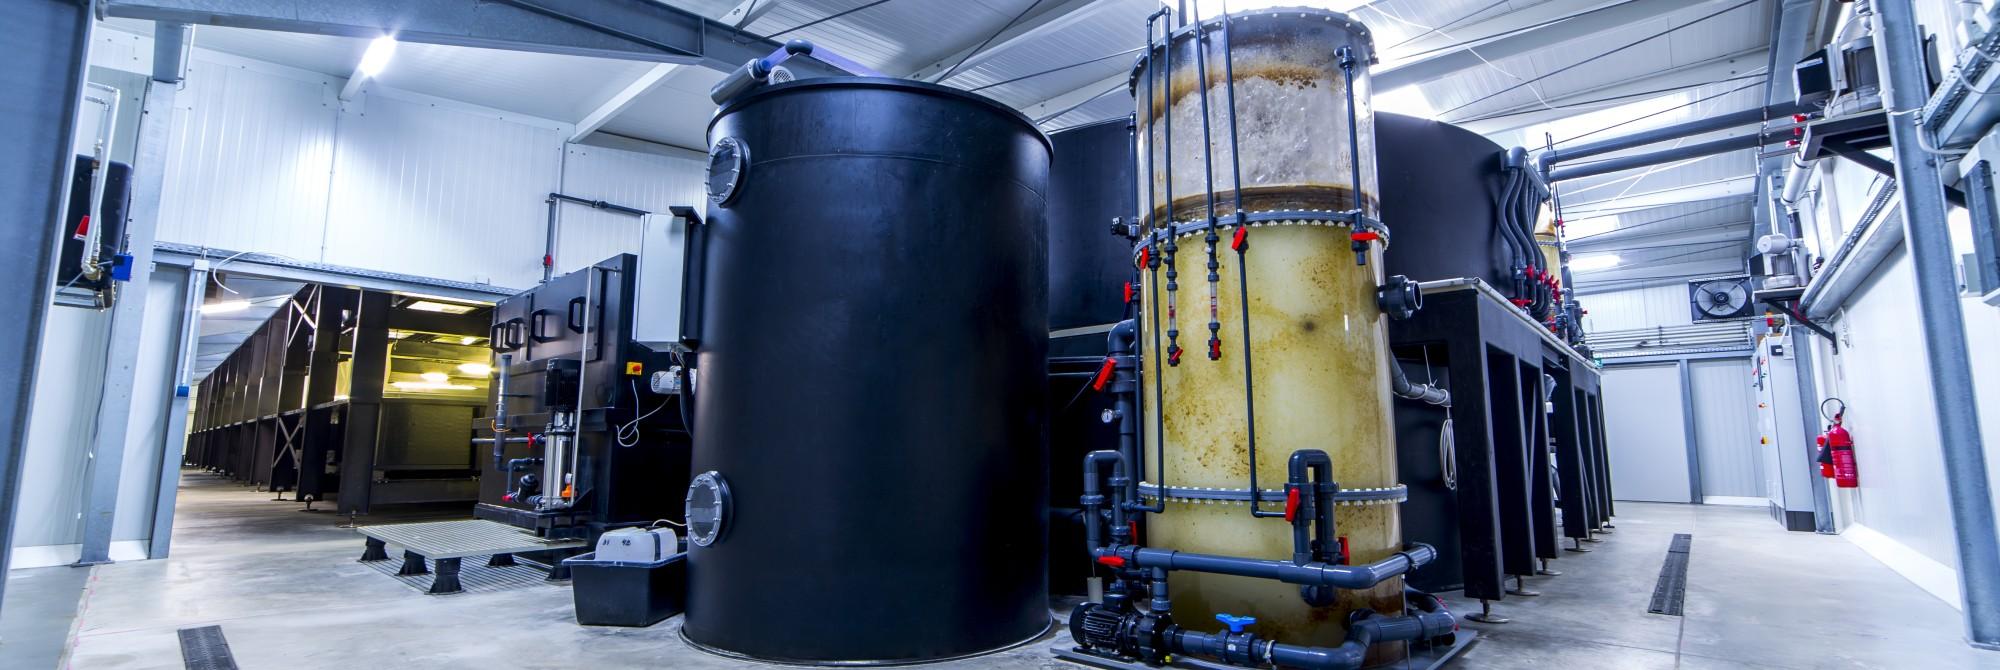 Chemischer Behälter-, Anlagen- und Apparatebau